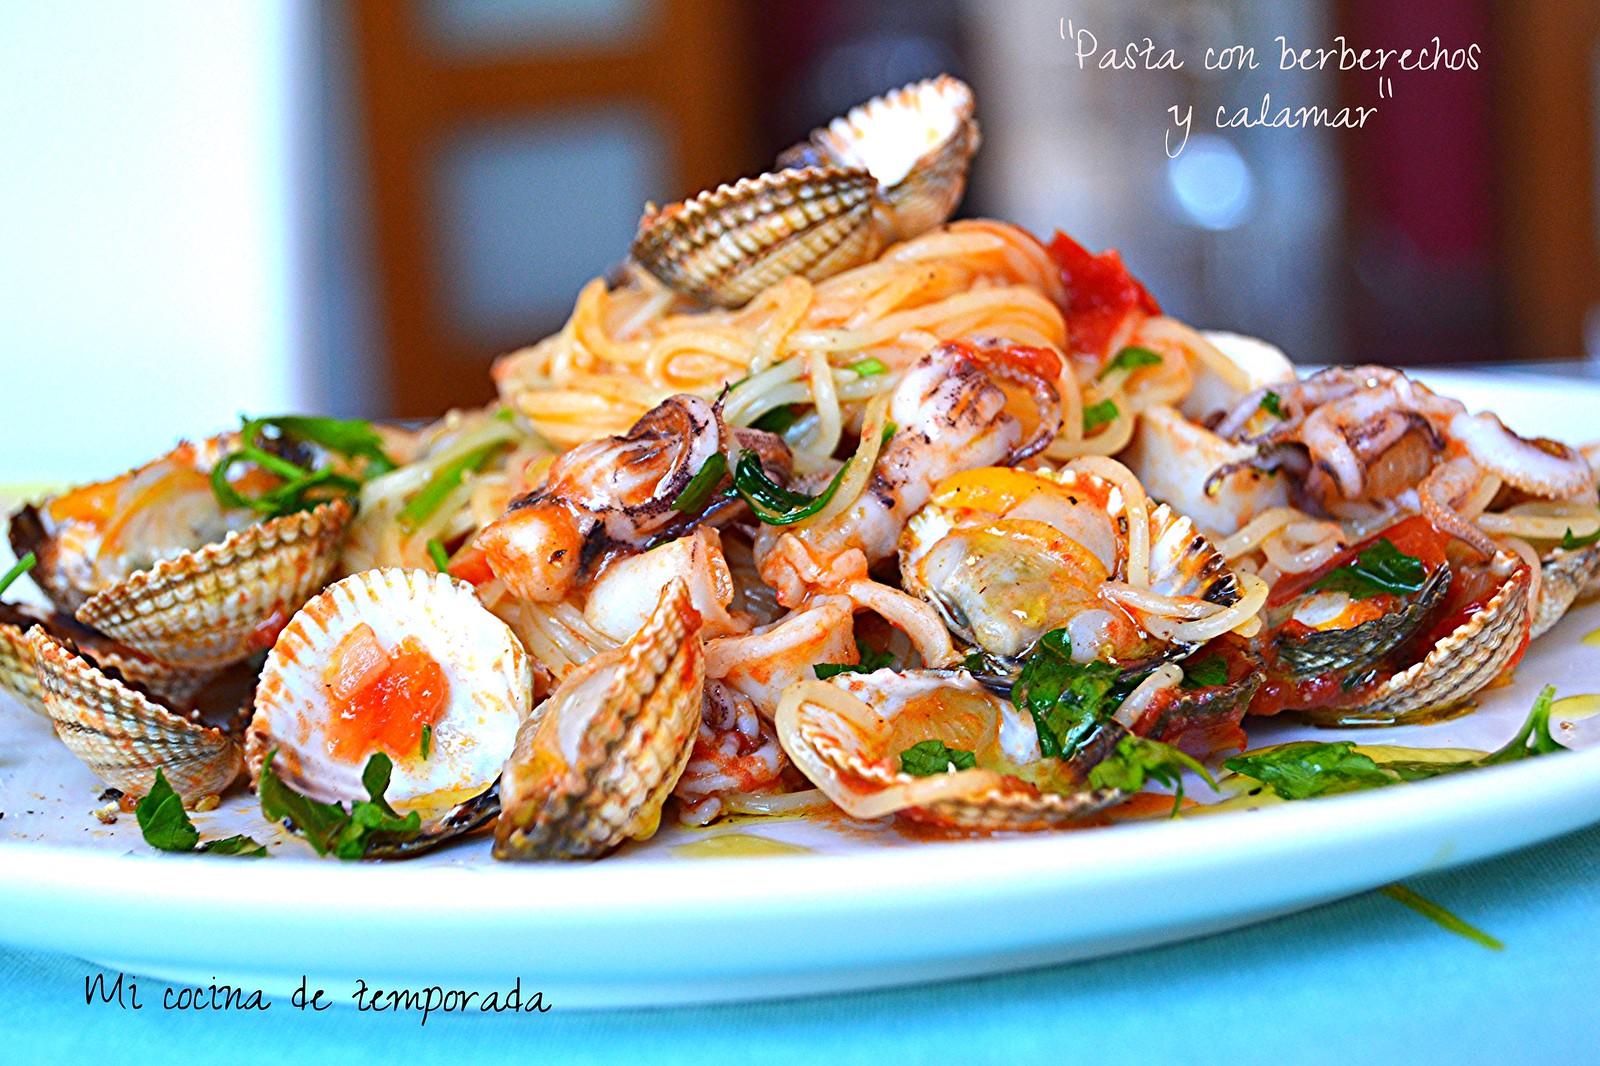 Espaguetis con berberechos y calamar 015